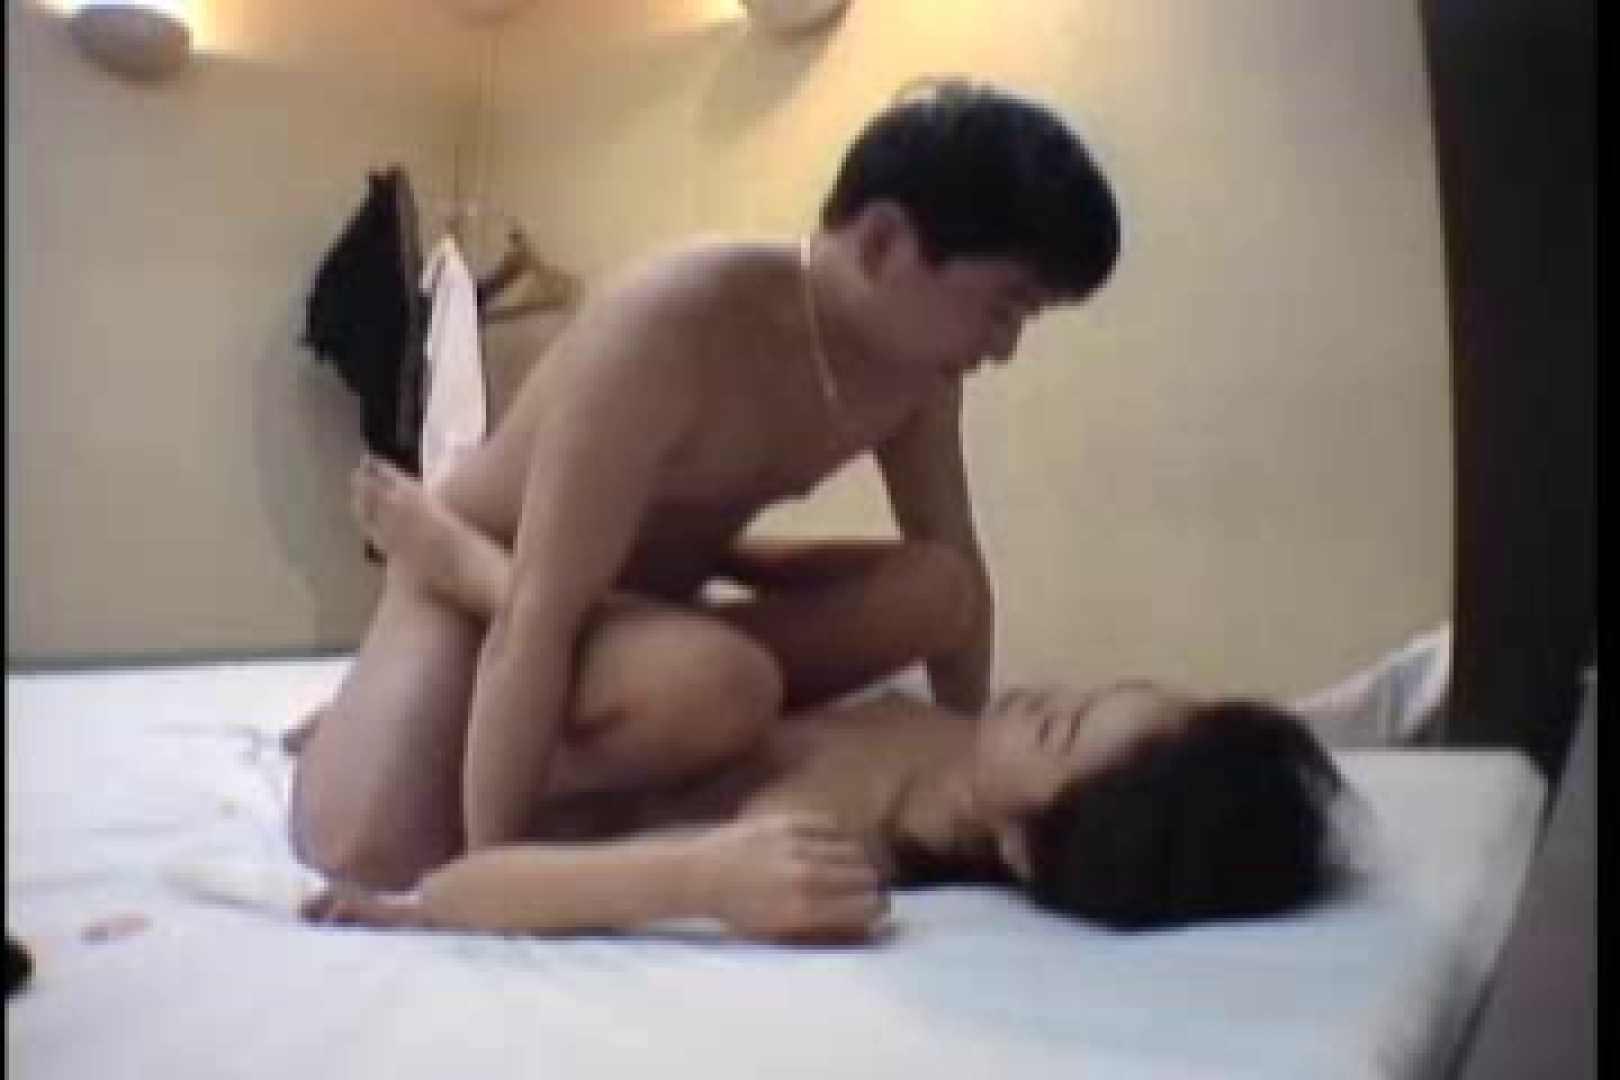 素人嬢126人のハメ撮り 3人の素人女性 素人丸裸  106pic 82